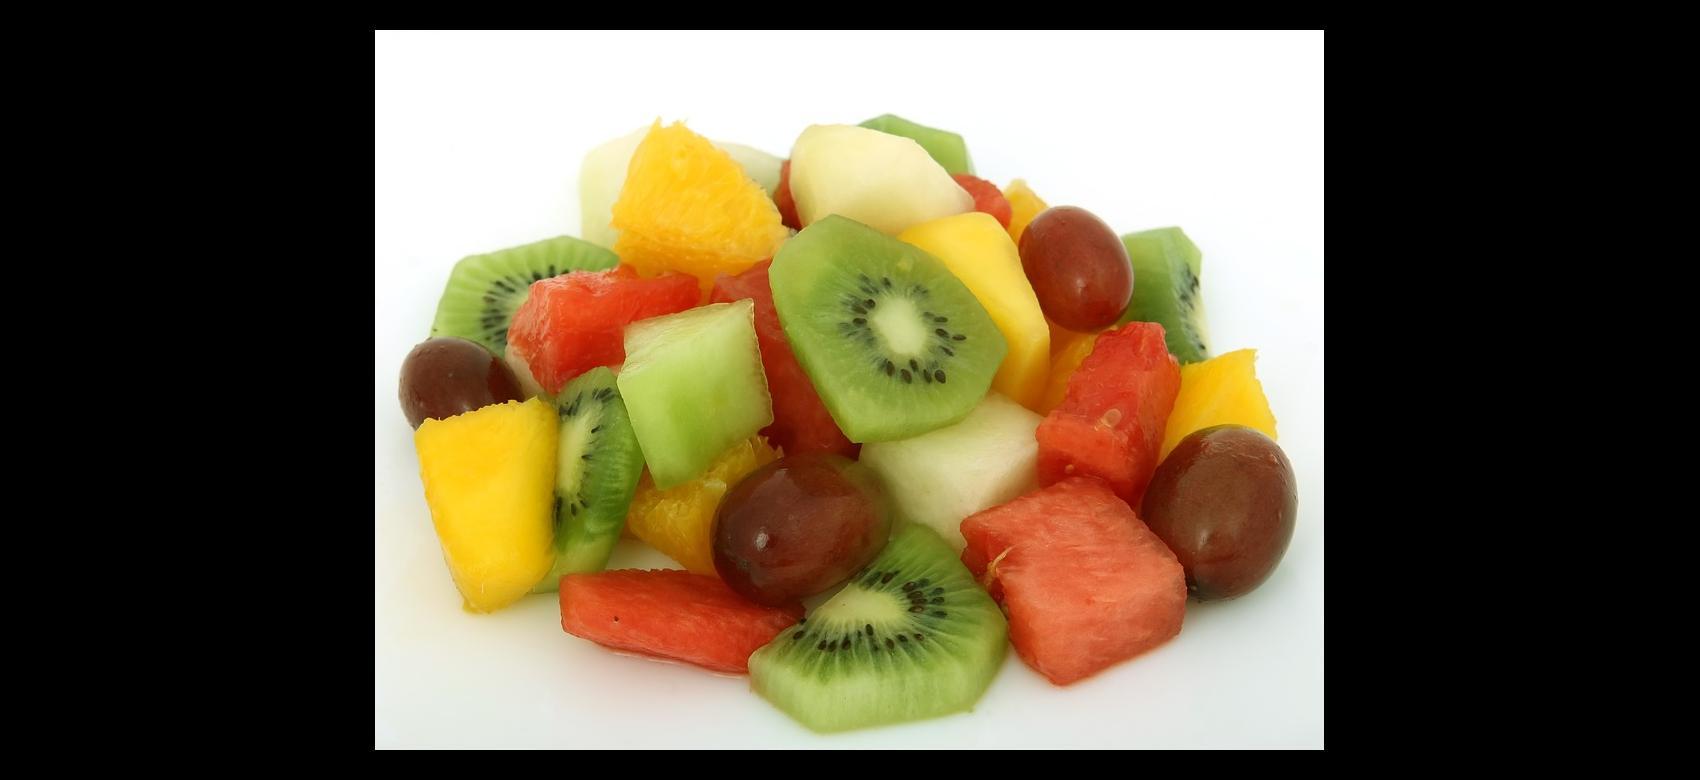 Plato de frutas variadas